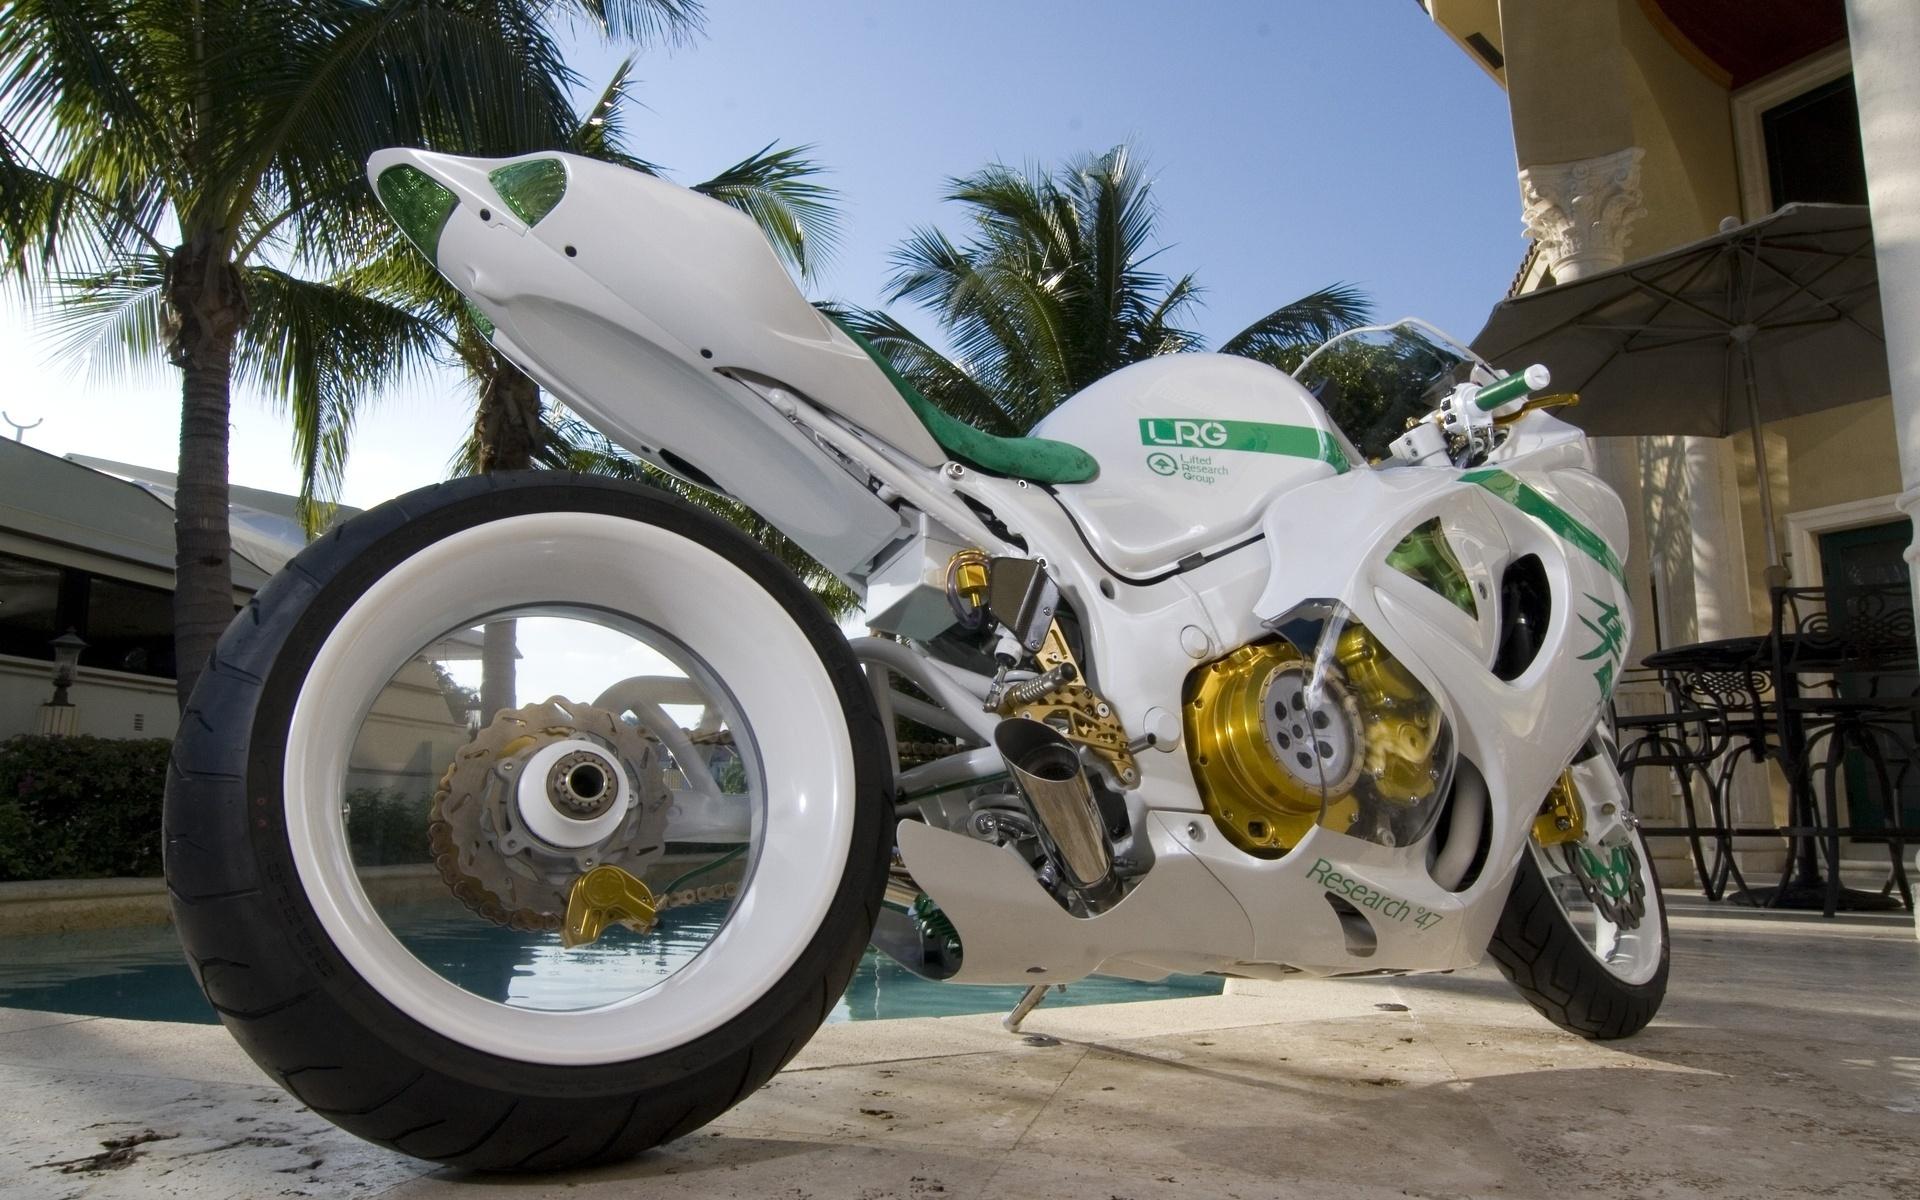 Надписью добавляйтесь, картинки мотоциклов крутые